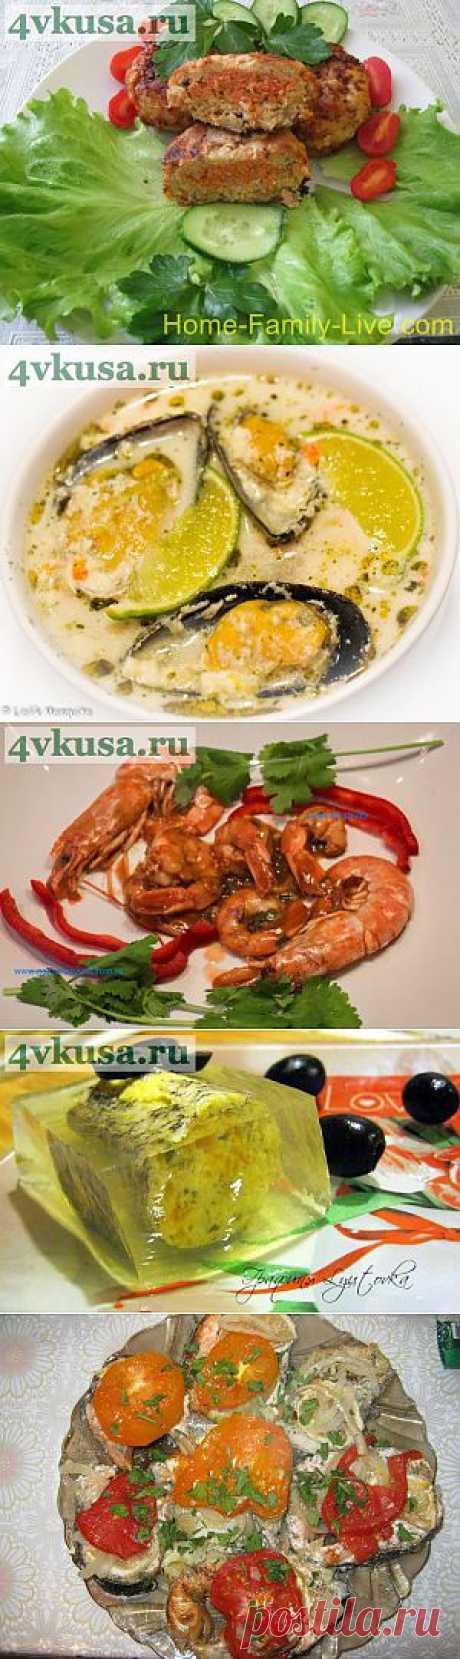 рыбные блюда   4vkusa.ru